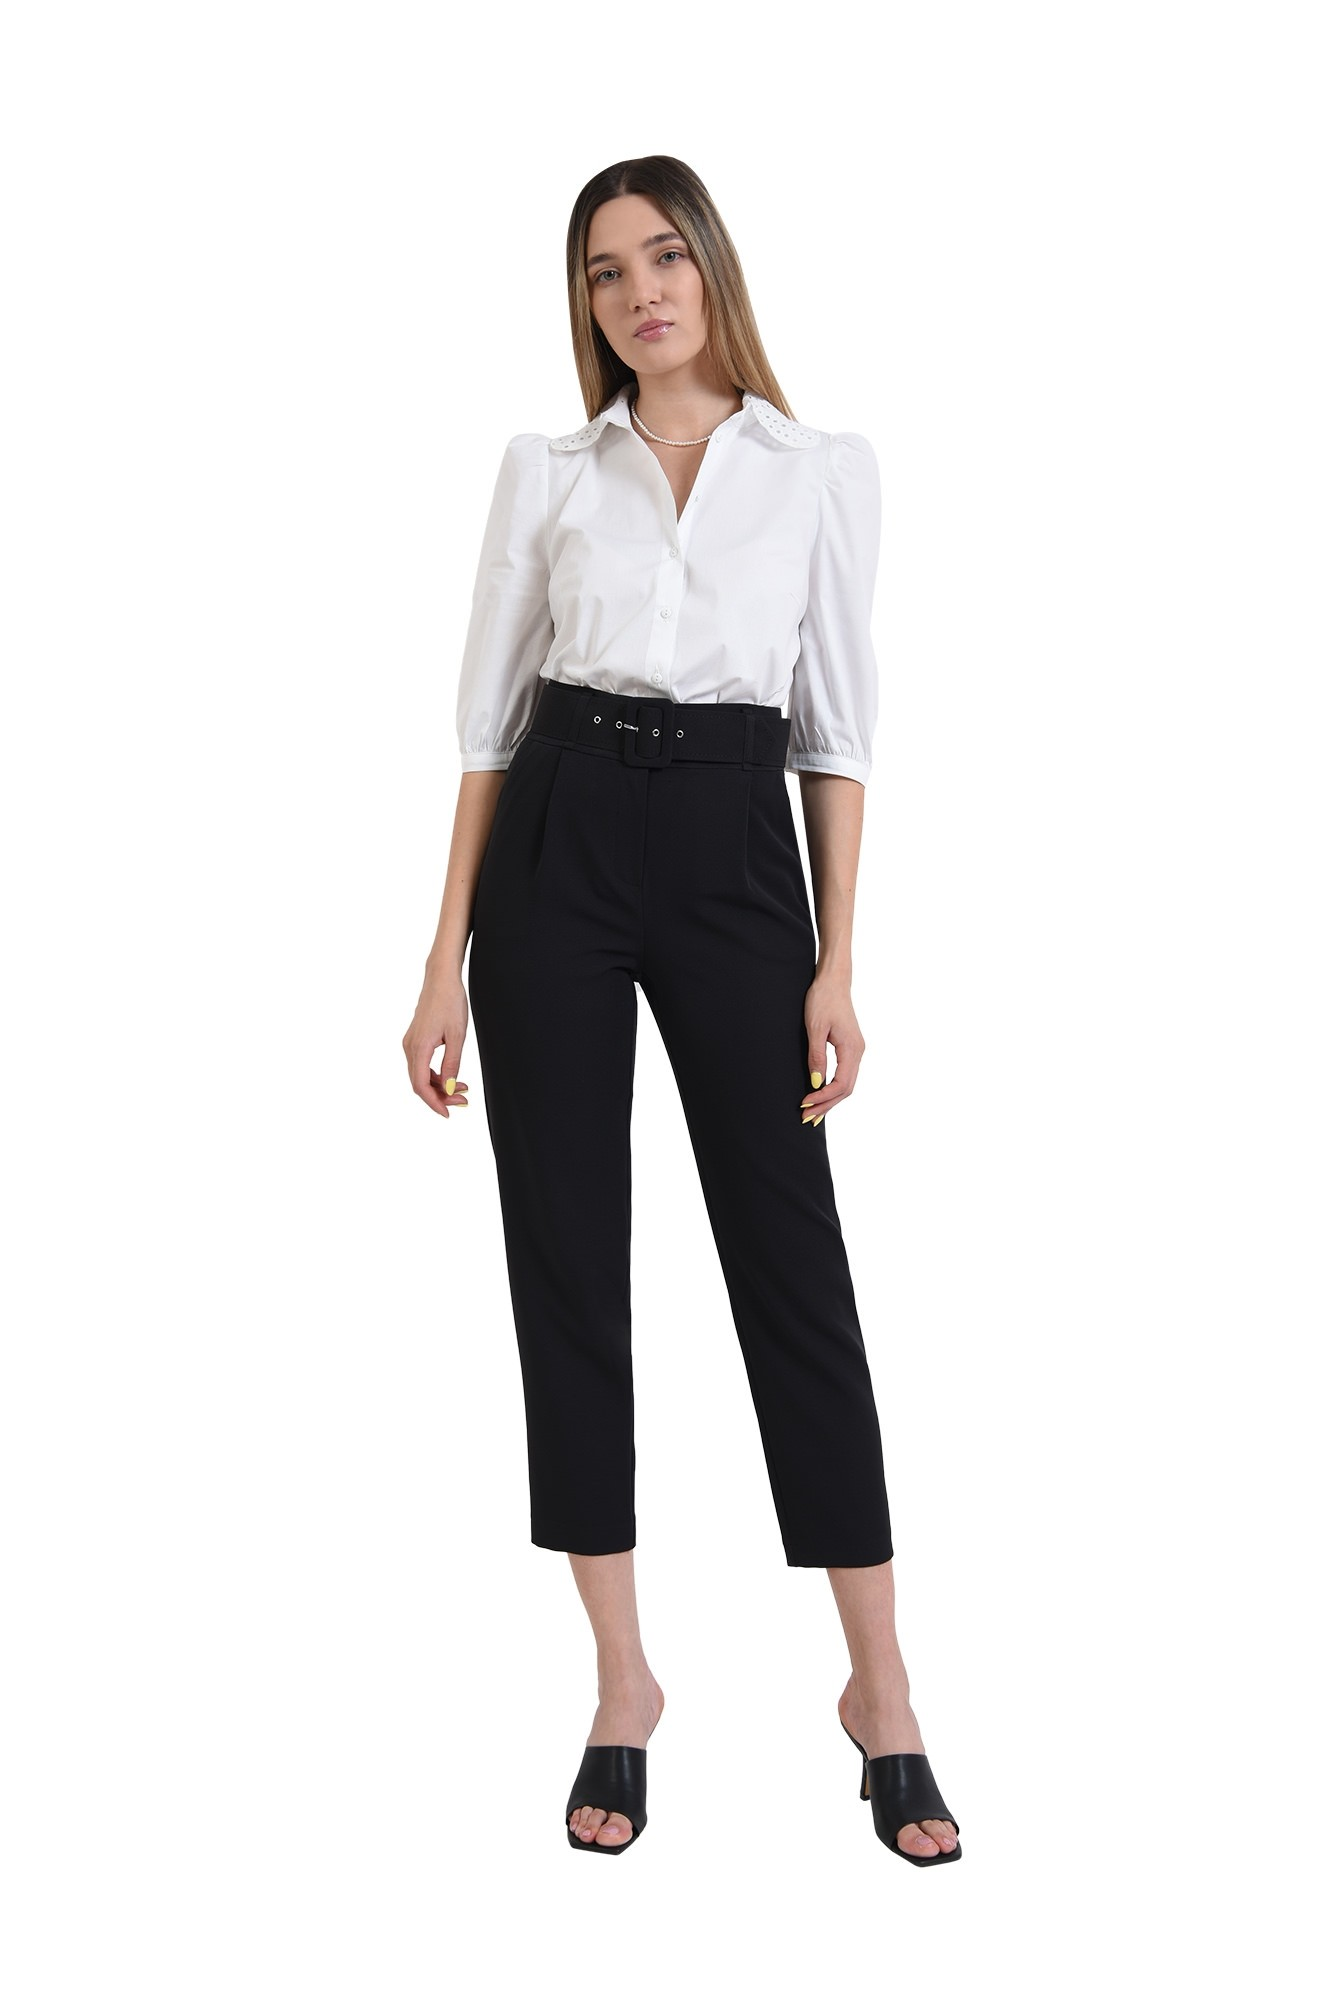 3 - pantaloni conici, office, cu centura, negri